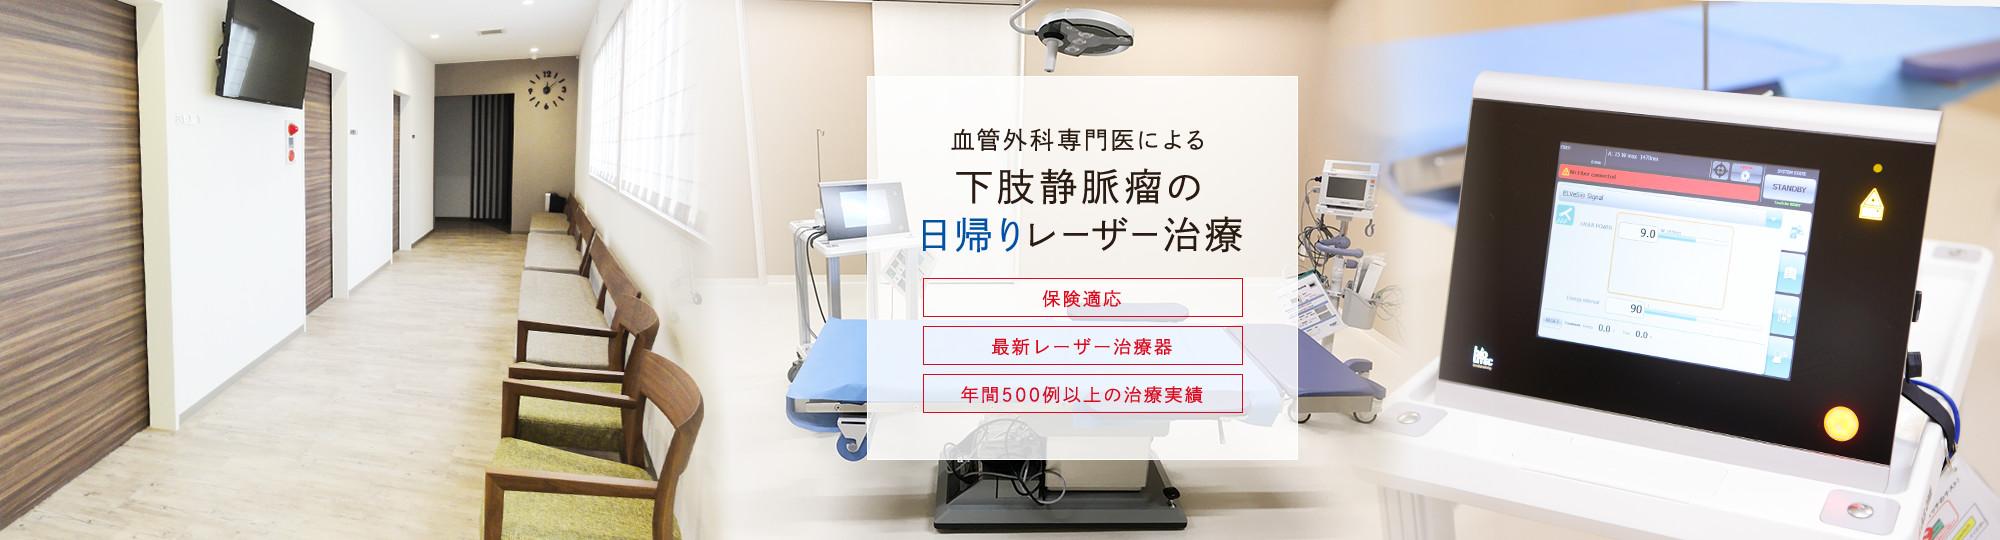 血管外科専門医による下肢静脈瘤の日帰りレーザー治療